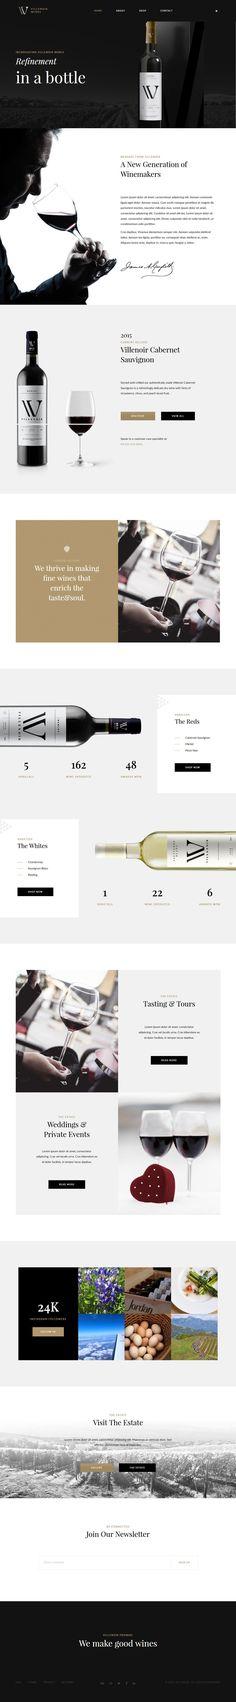 Beautifully crafted WordPress theme best suitable for vineyard, winery and wine websites. Analisamos os 150 Melhores Templates WordPress e colocamos tudo neste E-Book dividido por 15 categorias e nichos de mercado. Download GRATUITO em http://www.estrategiadigital.pt/150-melhores-templates-wordpress/